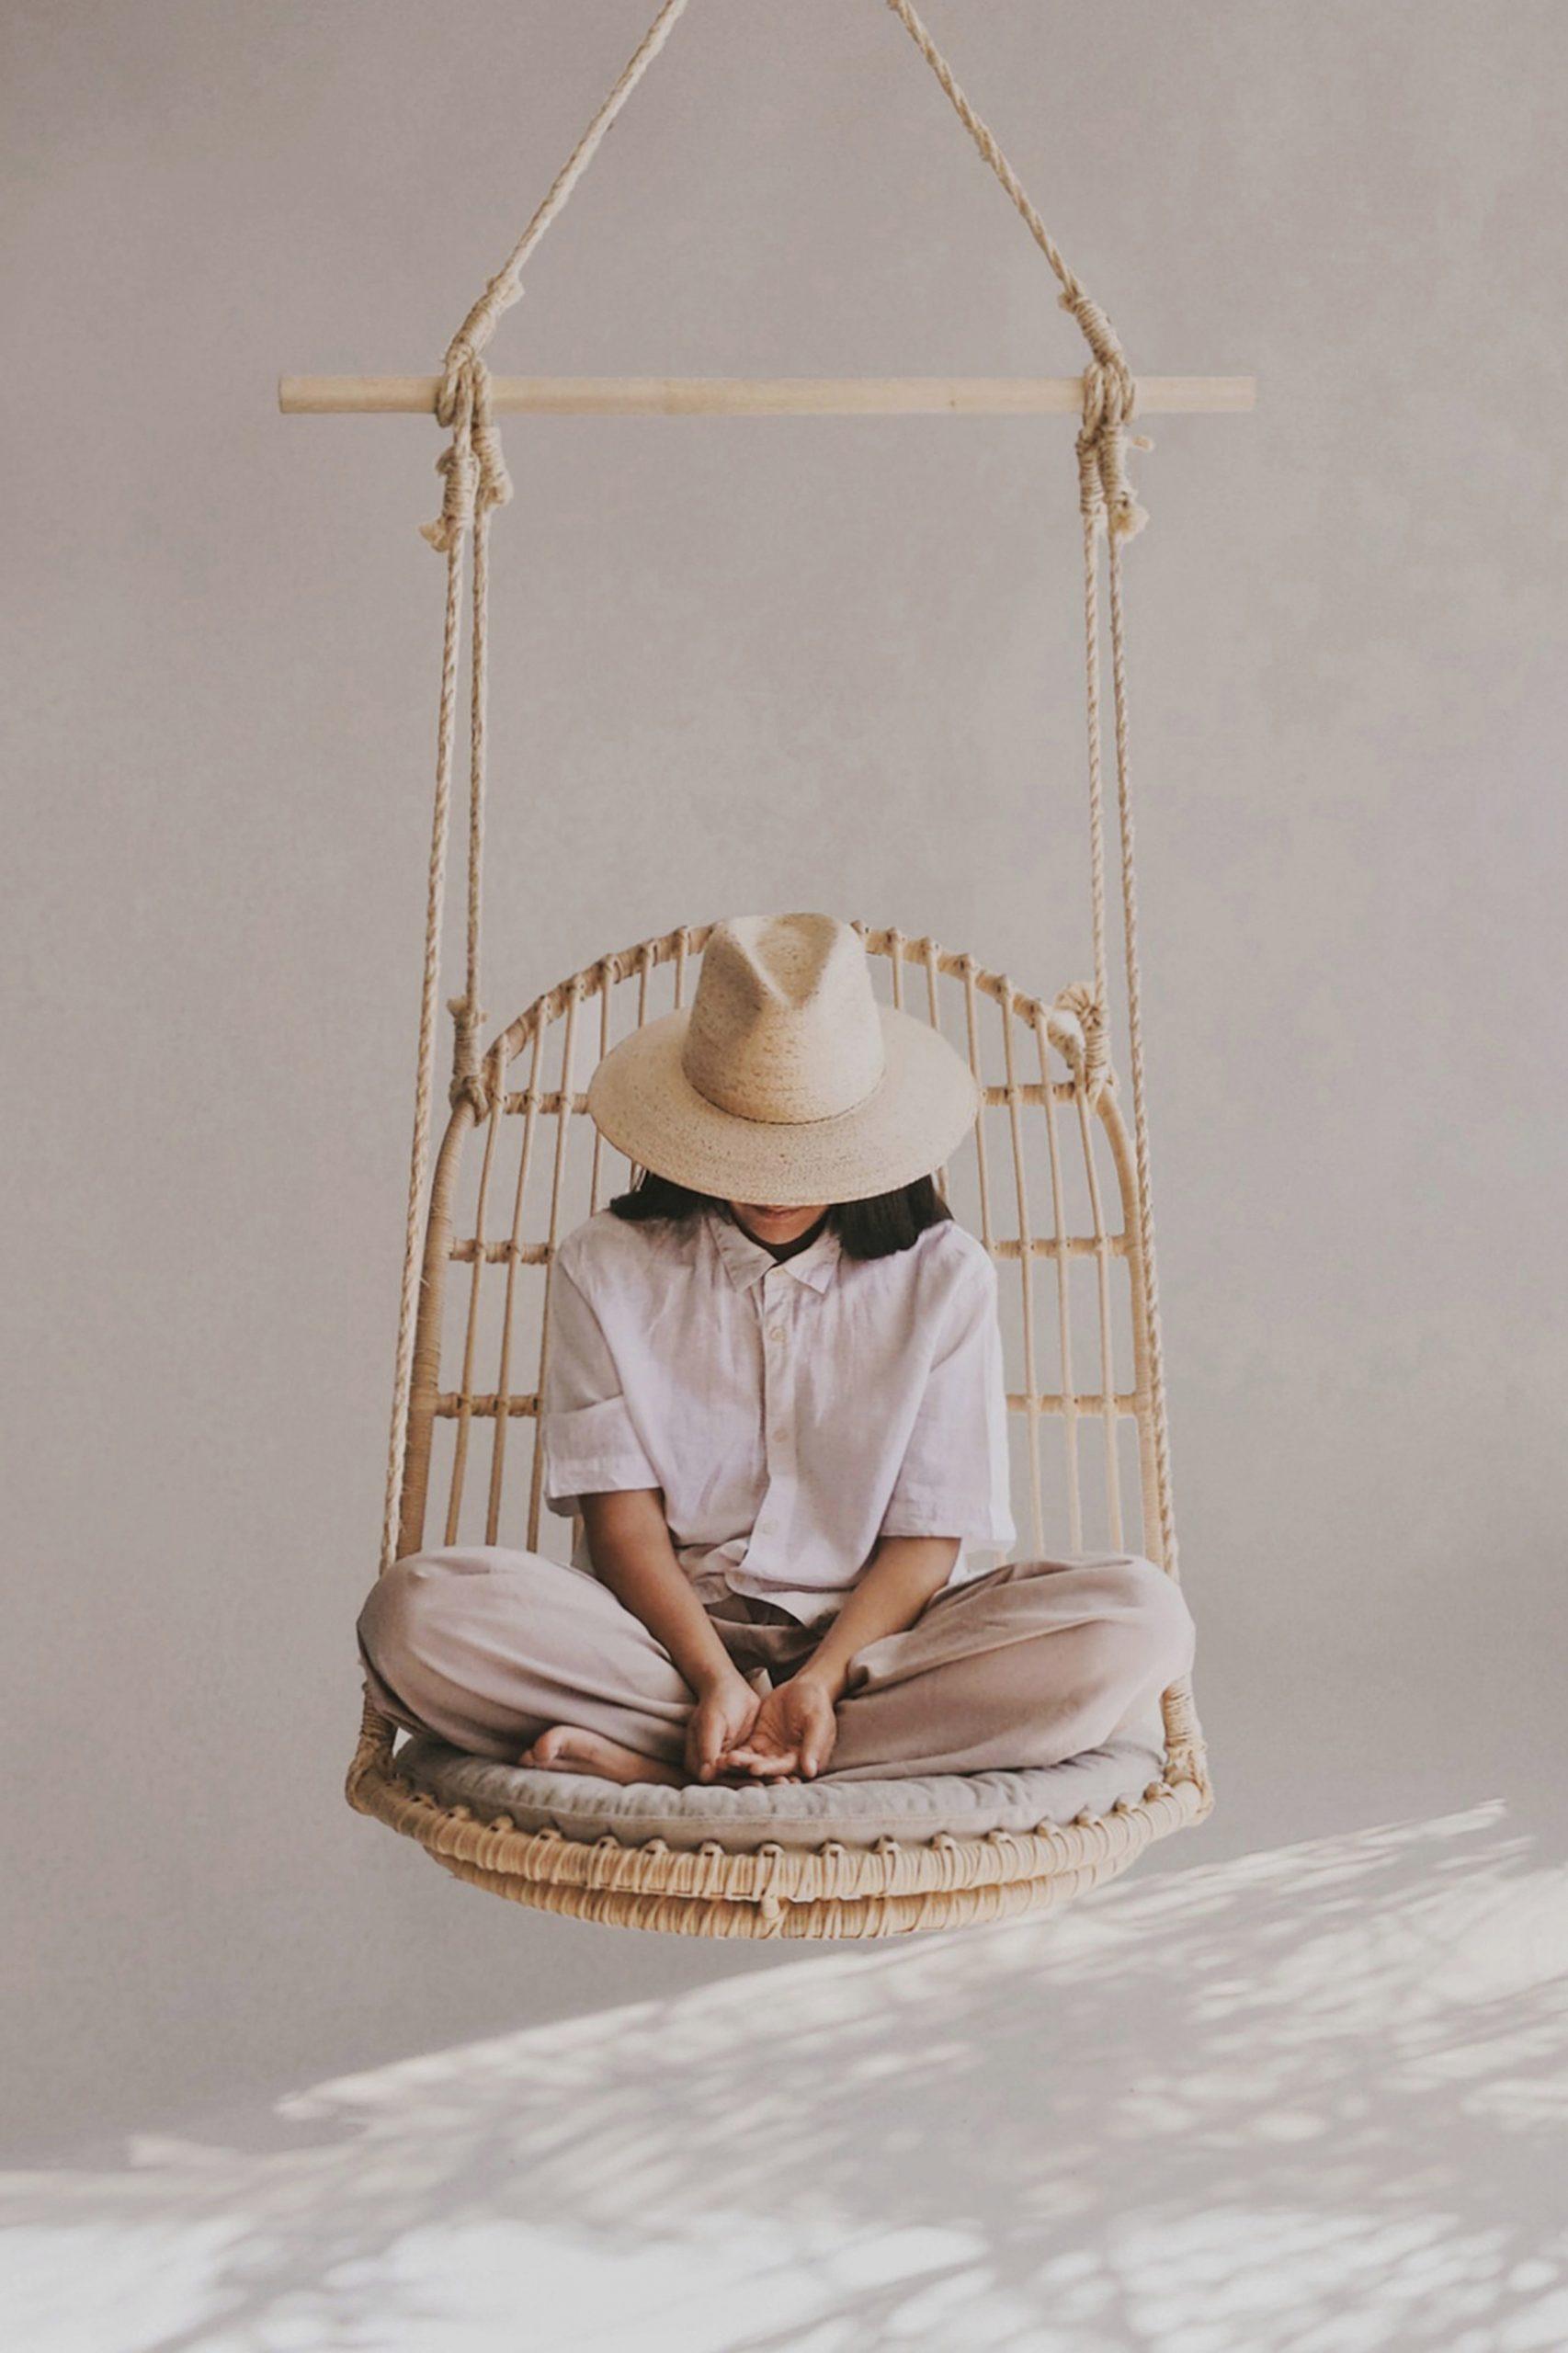 Hanging rattan chair by Christian Vivanco for Balsa